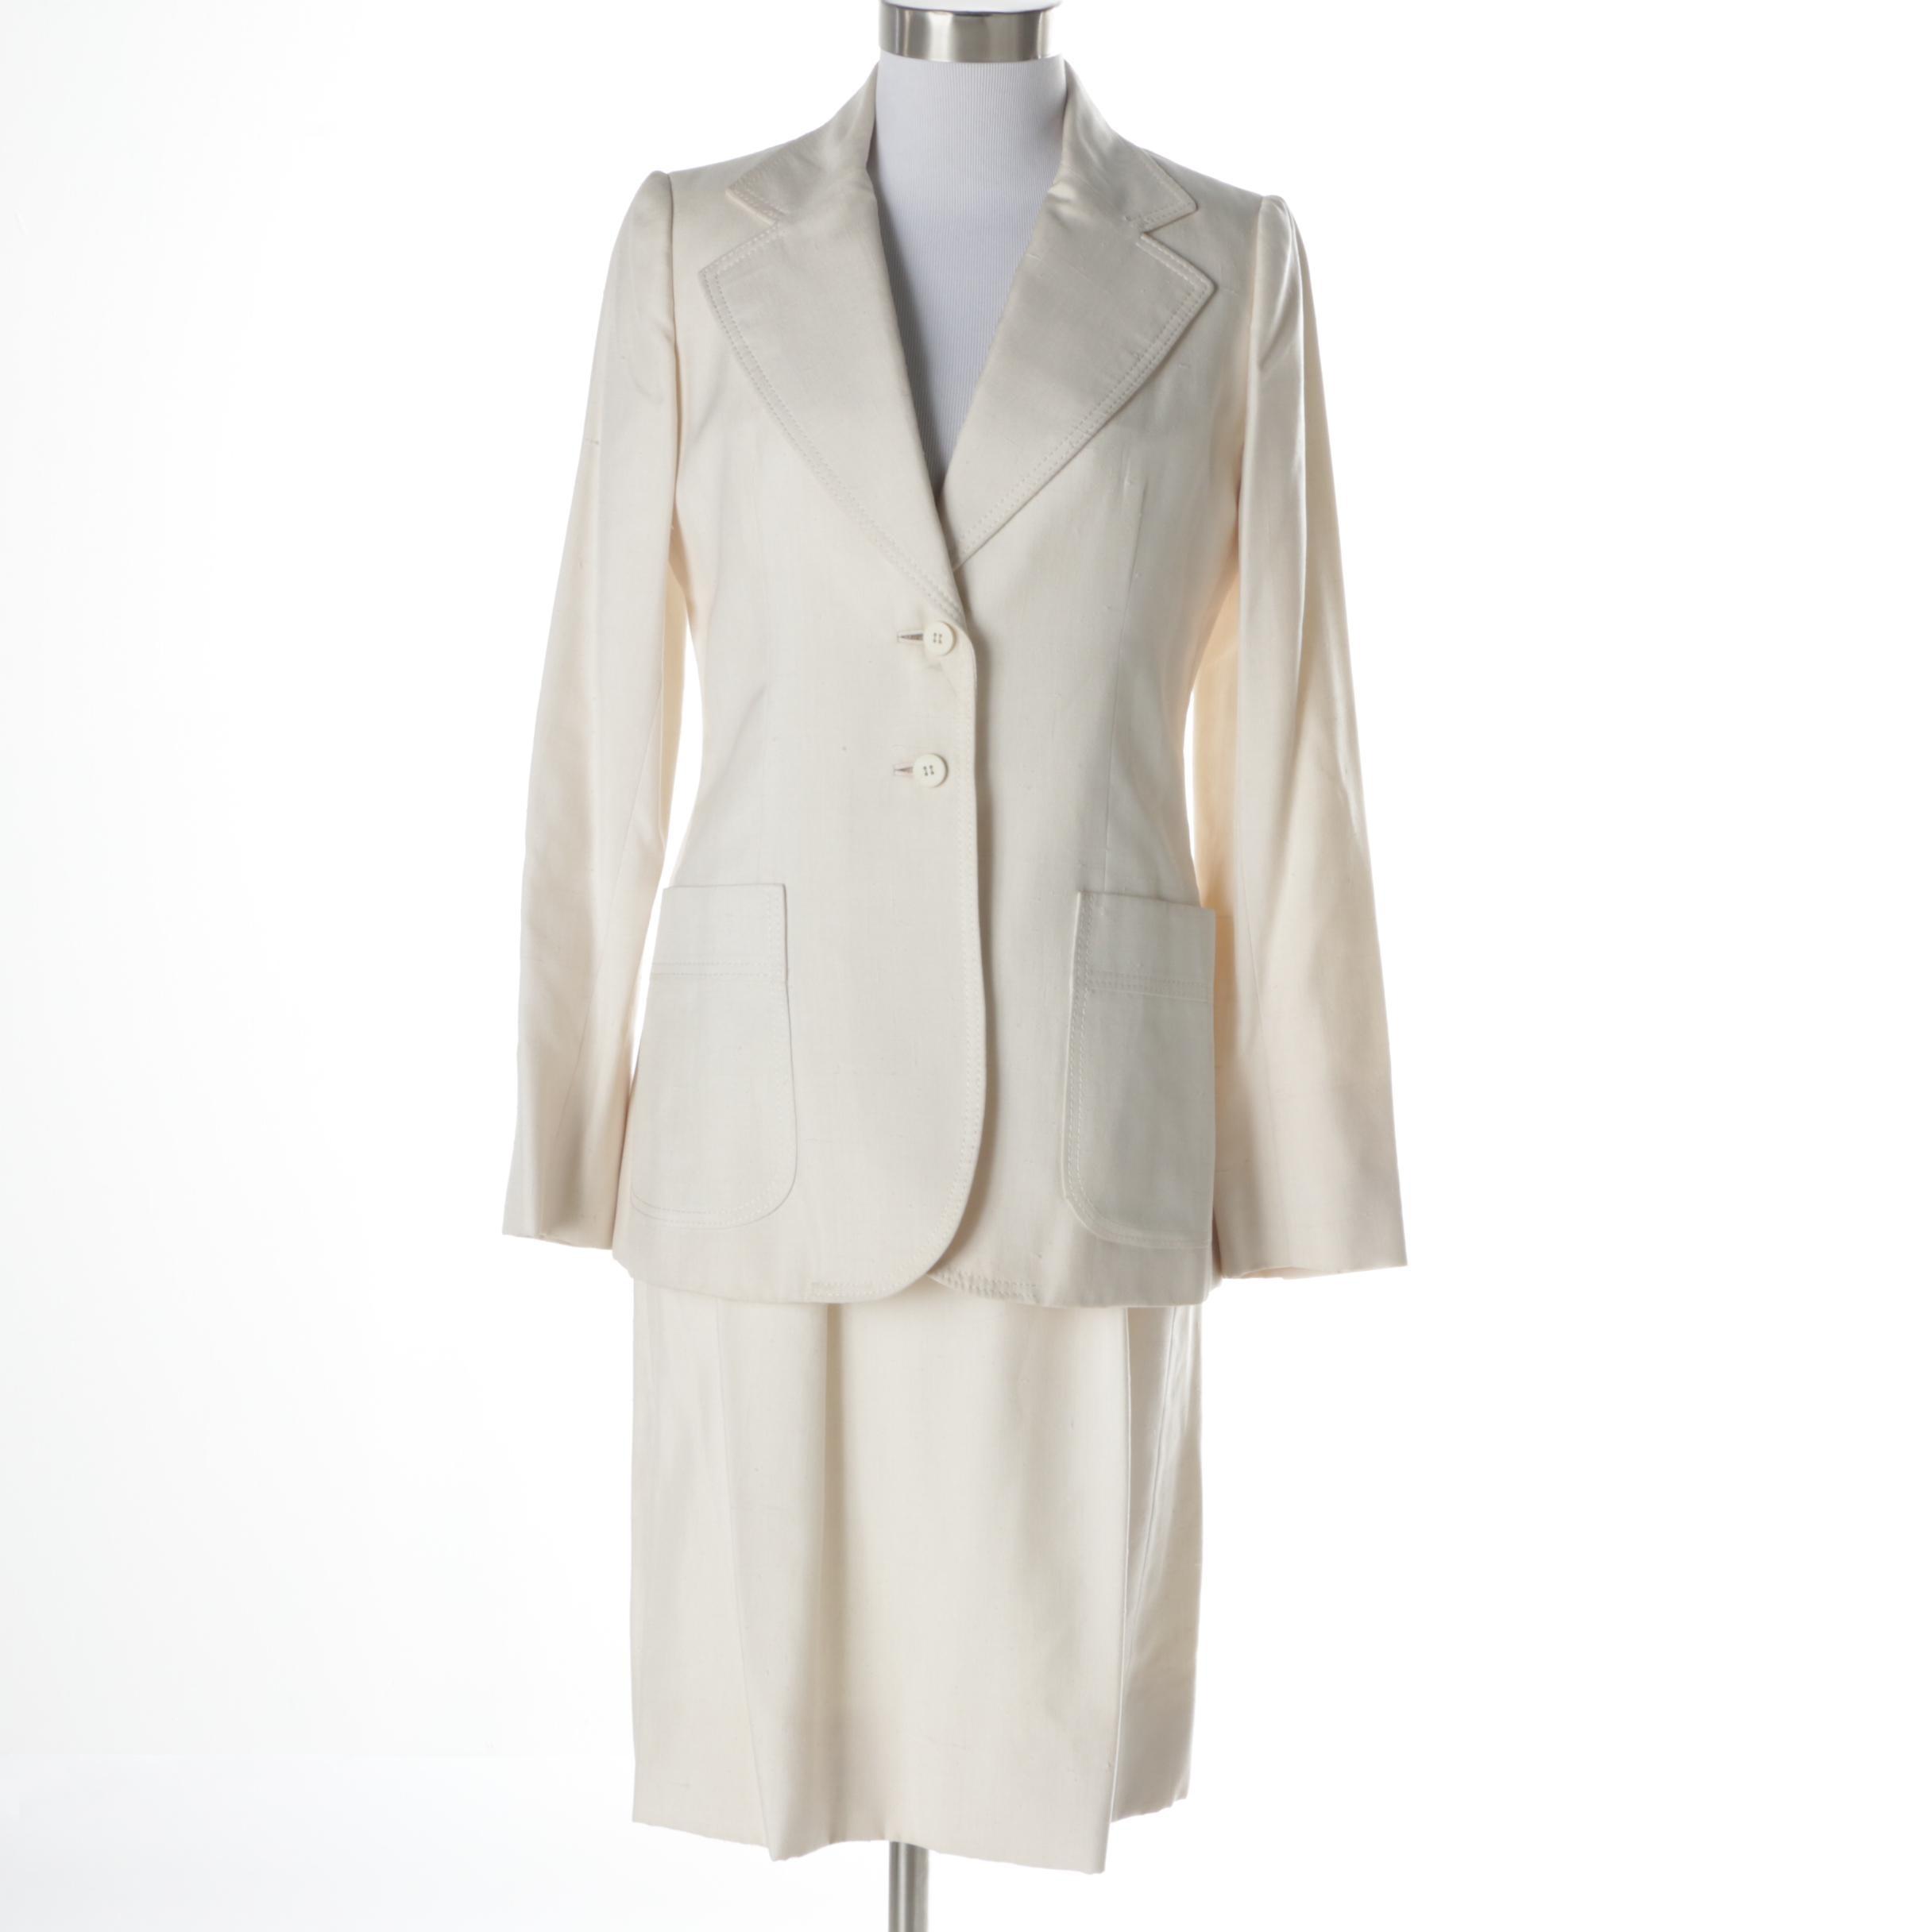 Women's Vintage Cardinali Linen Skirt Suit